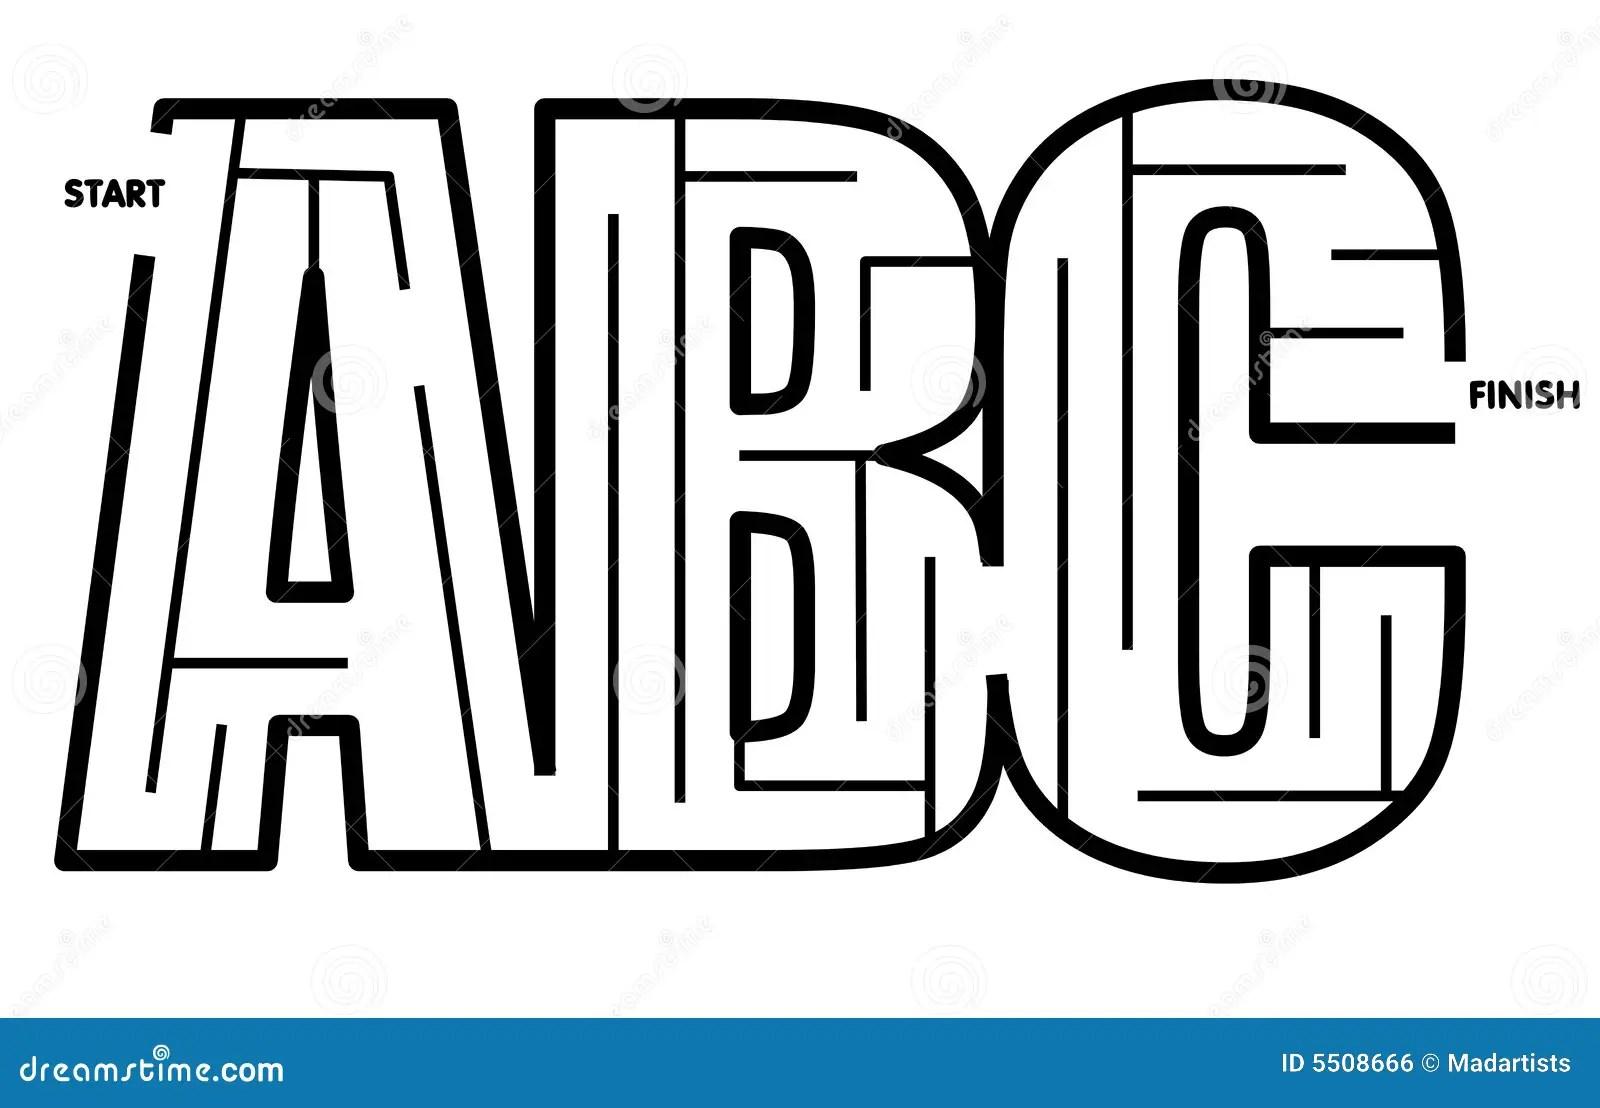 Facile Risolvere Il Labirinto Di Abc Immagine Stock Libera